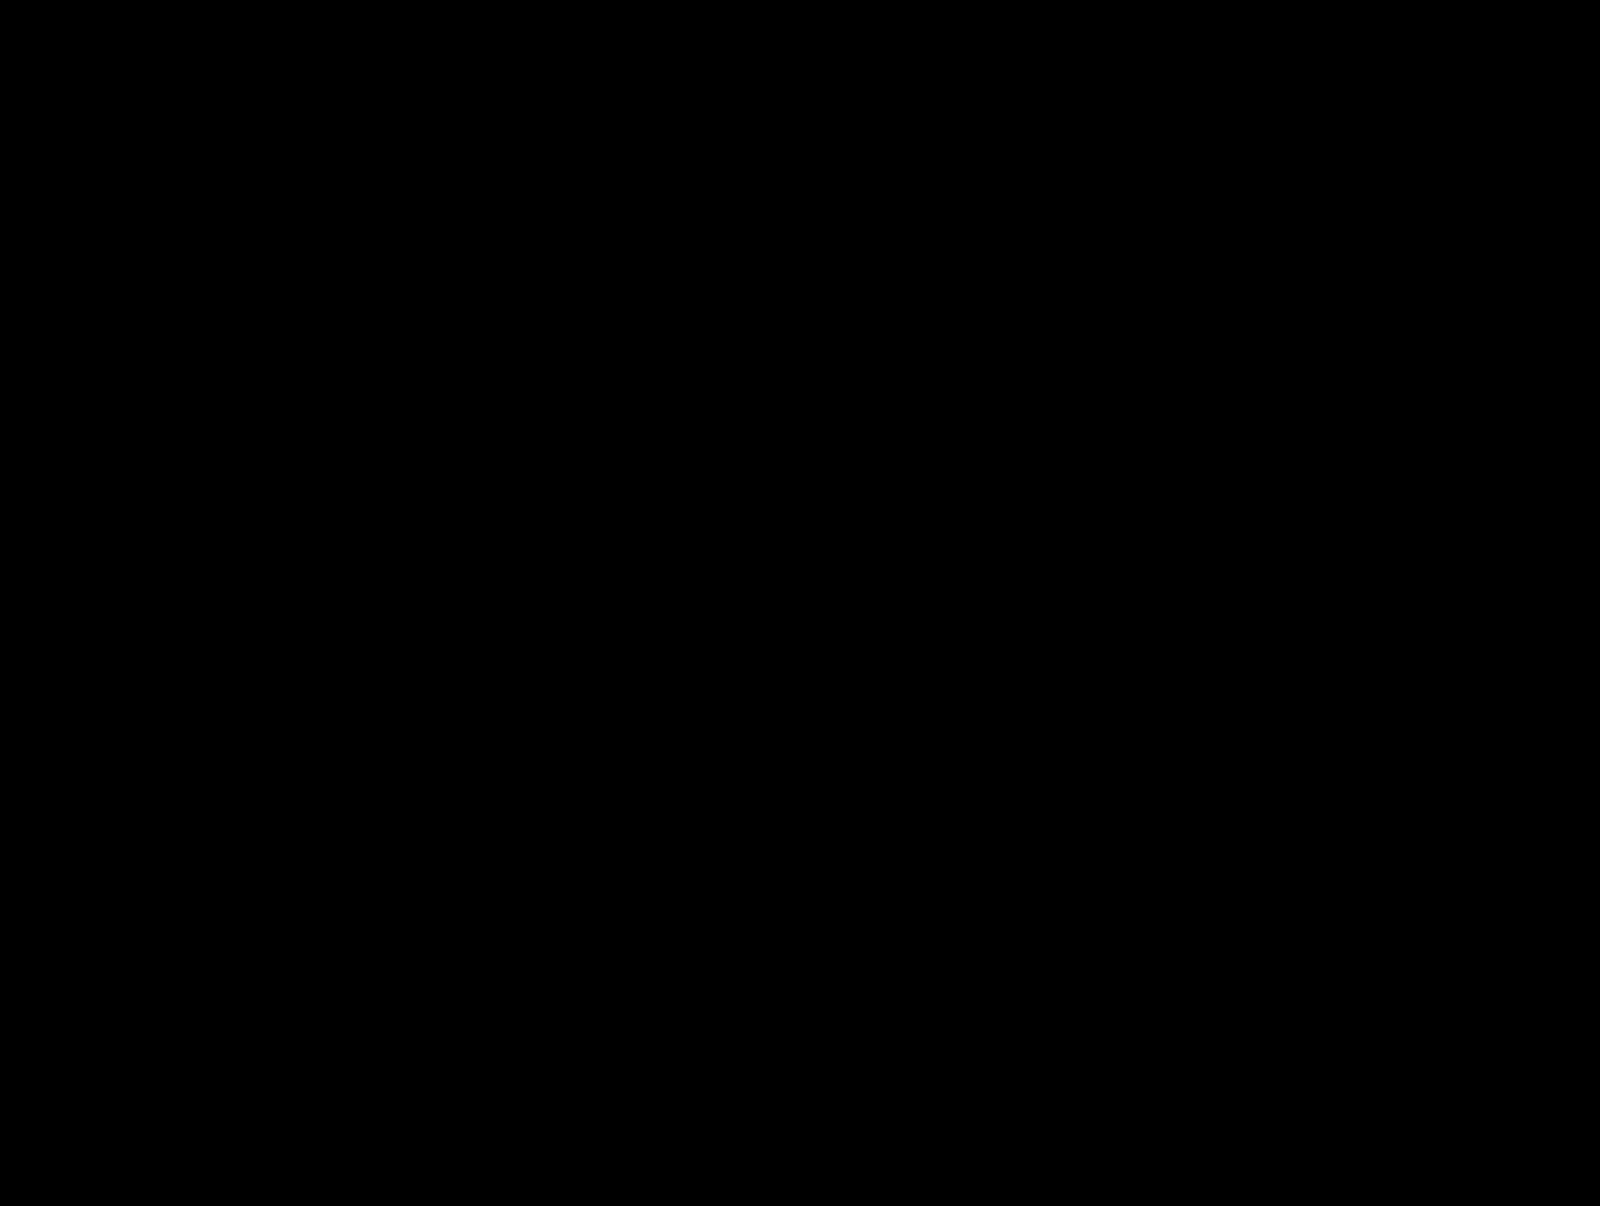 Minerali fibrosi in microscopia ottica